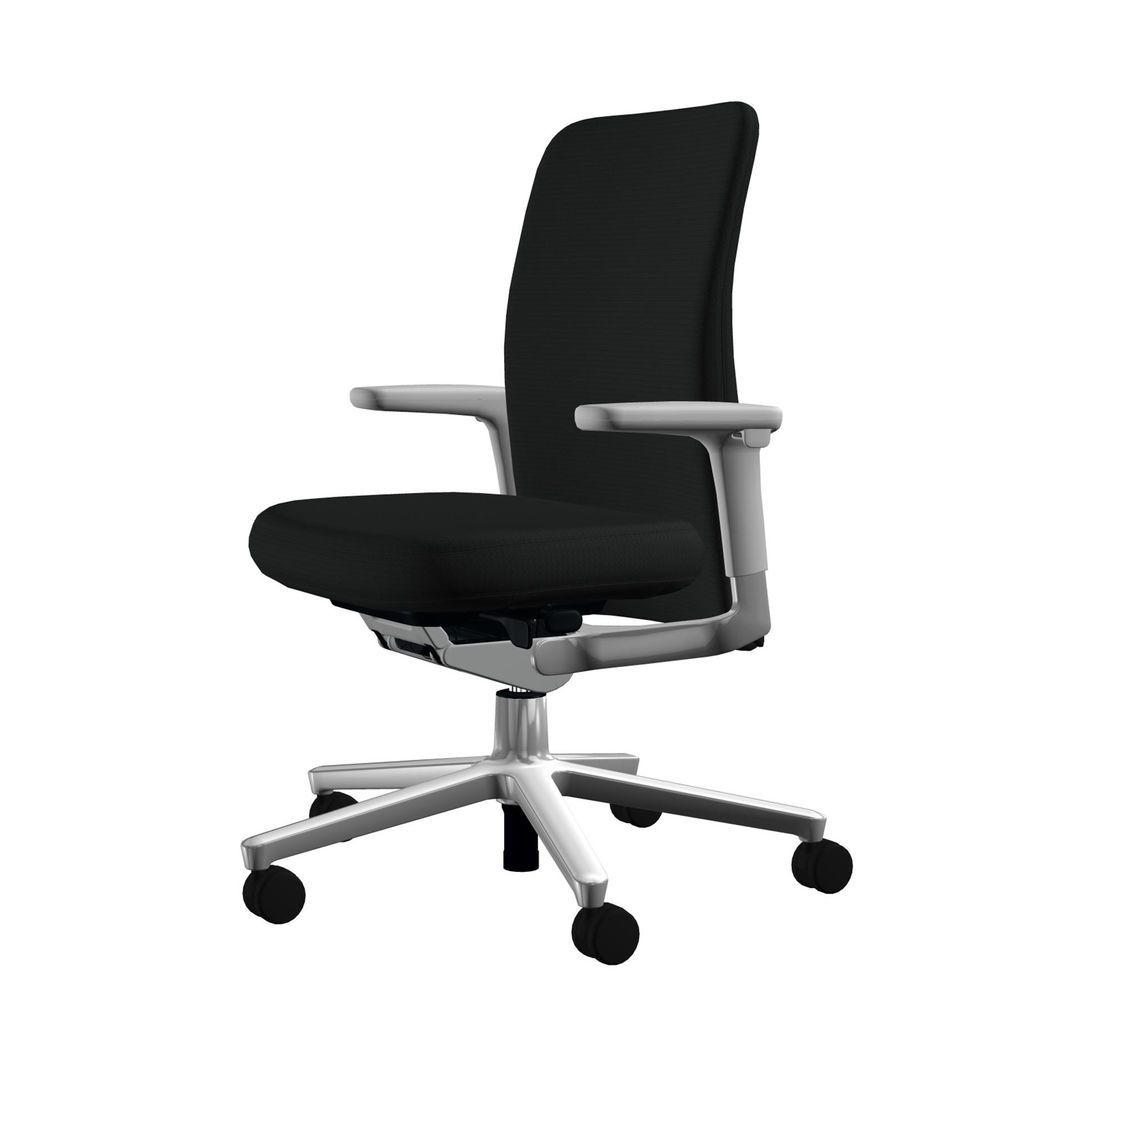 pacific chair chaise de bureau bas du dos vitra. Black Bedroom Furniture Sets. Home Design Ideas